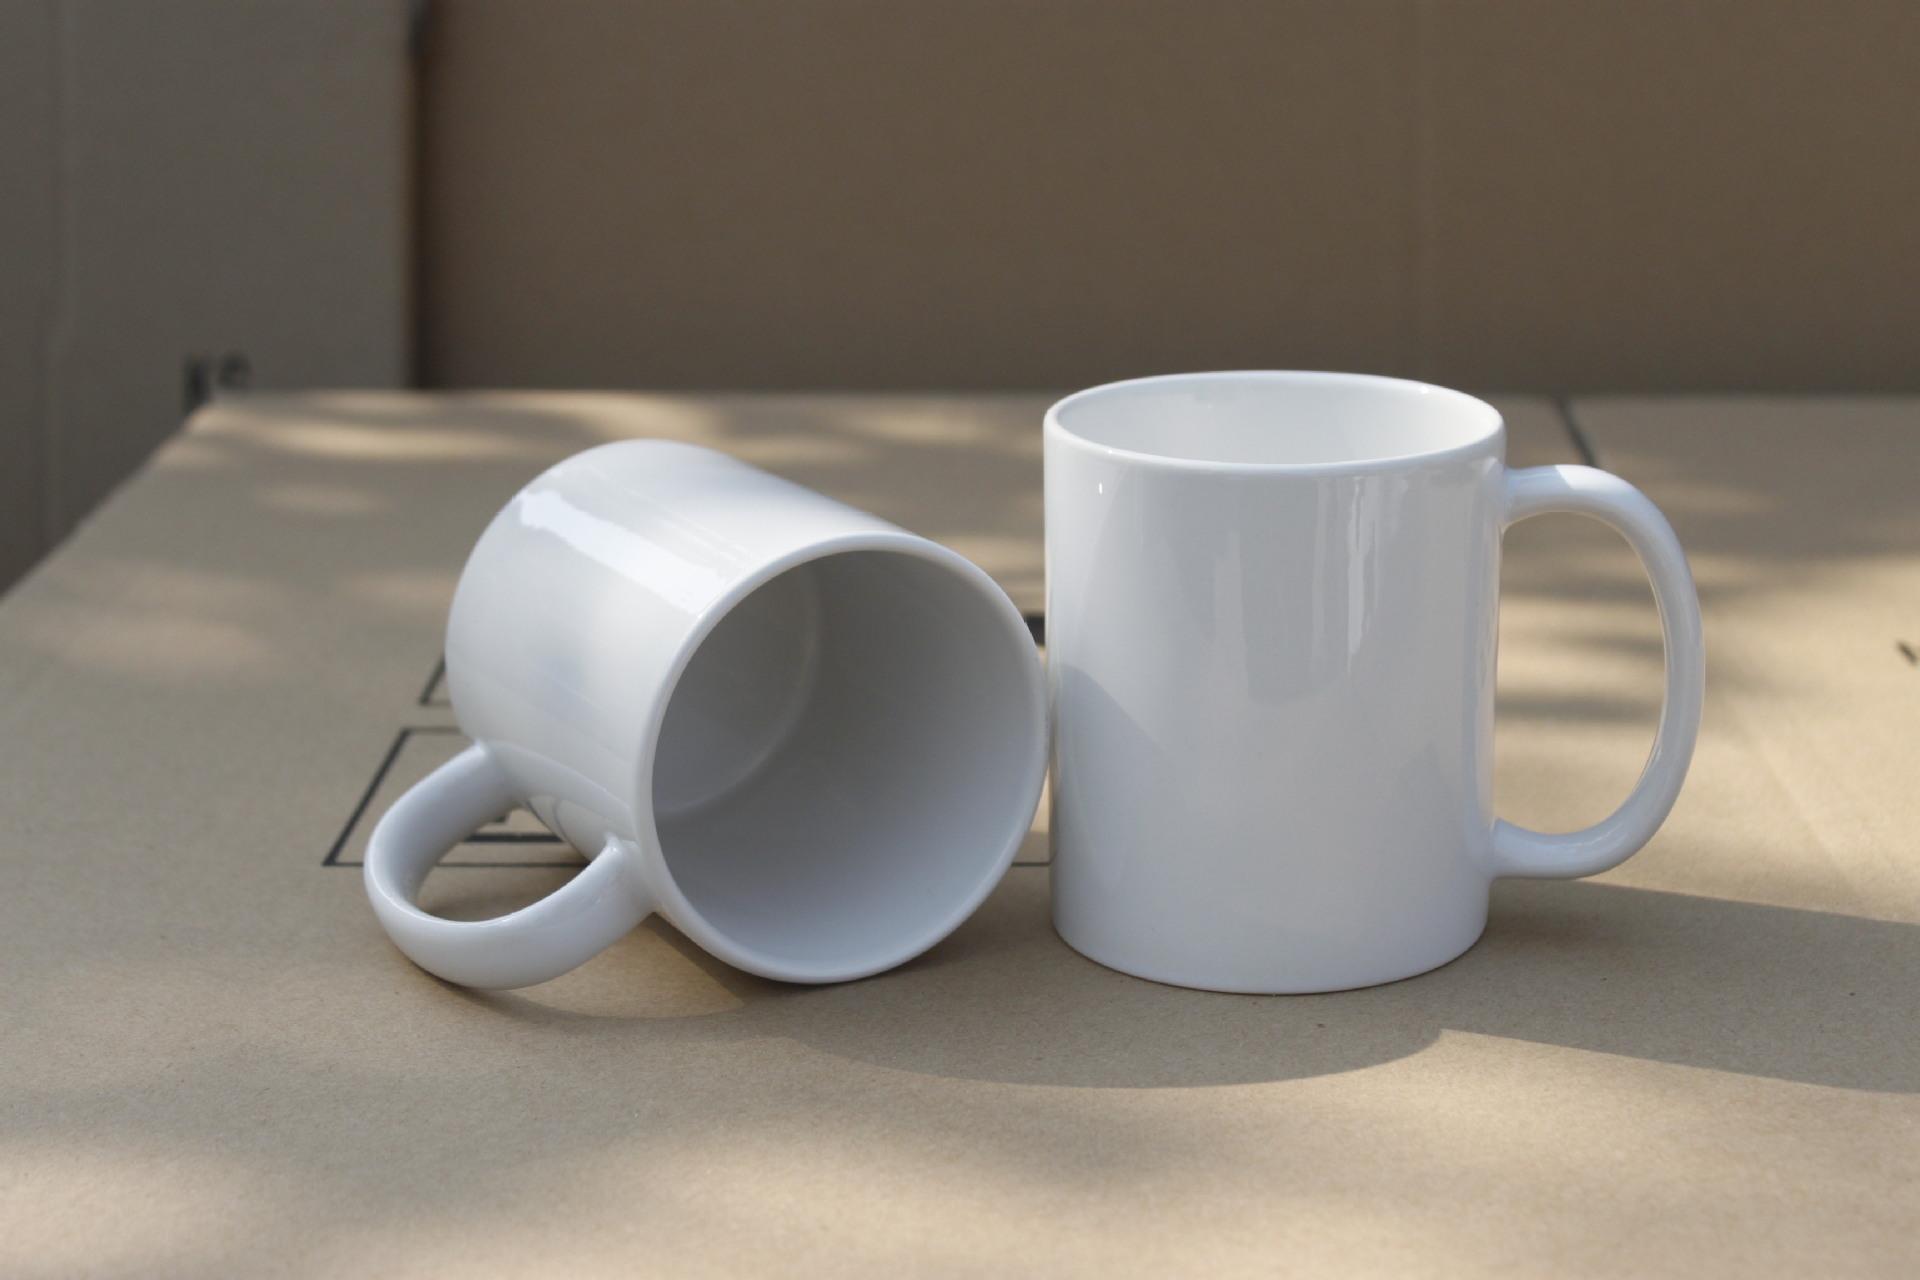 11oz sublimaiton mugs